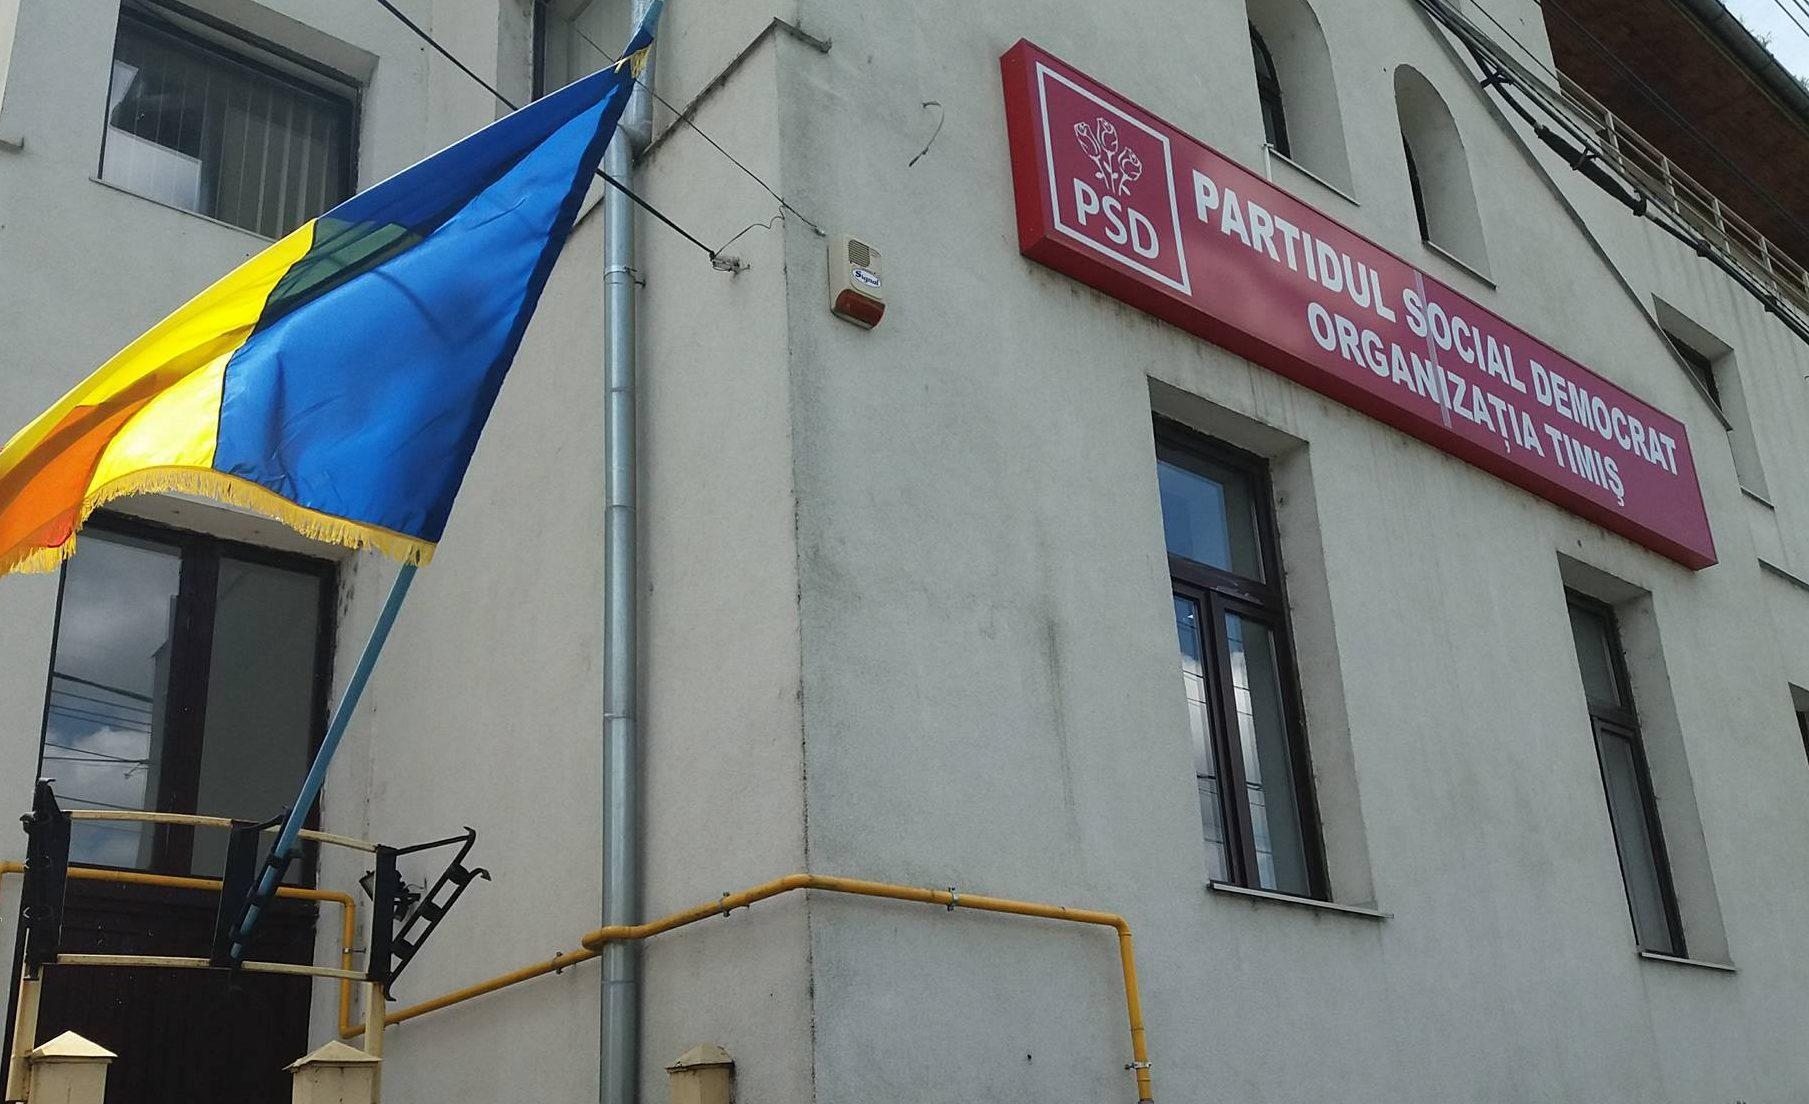 Cocktailuri Molotov lângă sediul PSD Timişoara. Poliţia face verificări